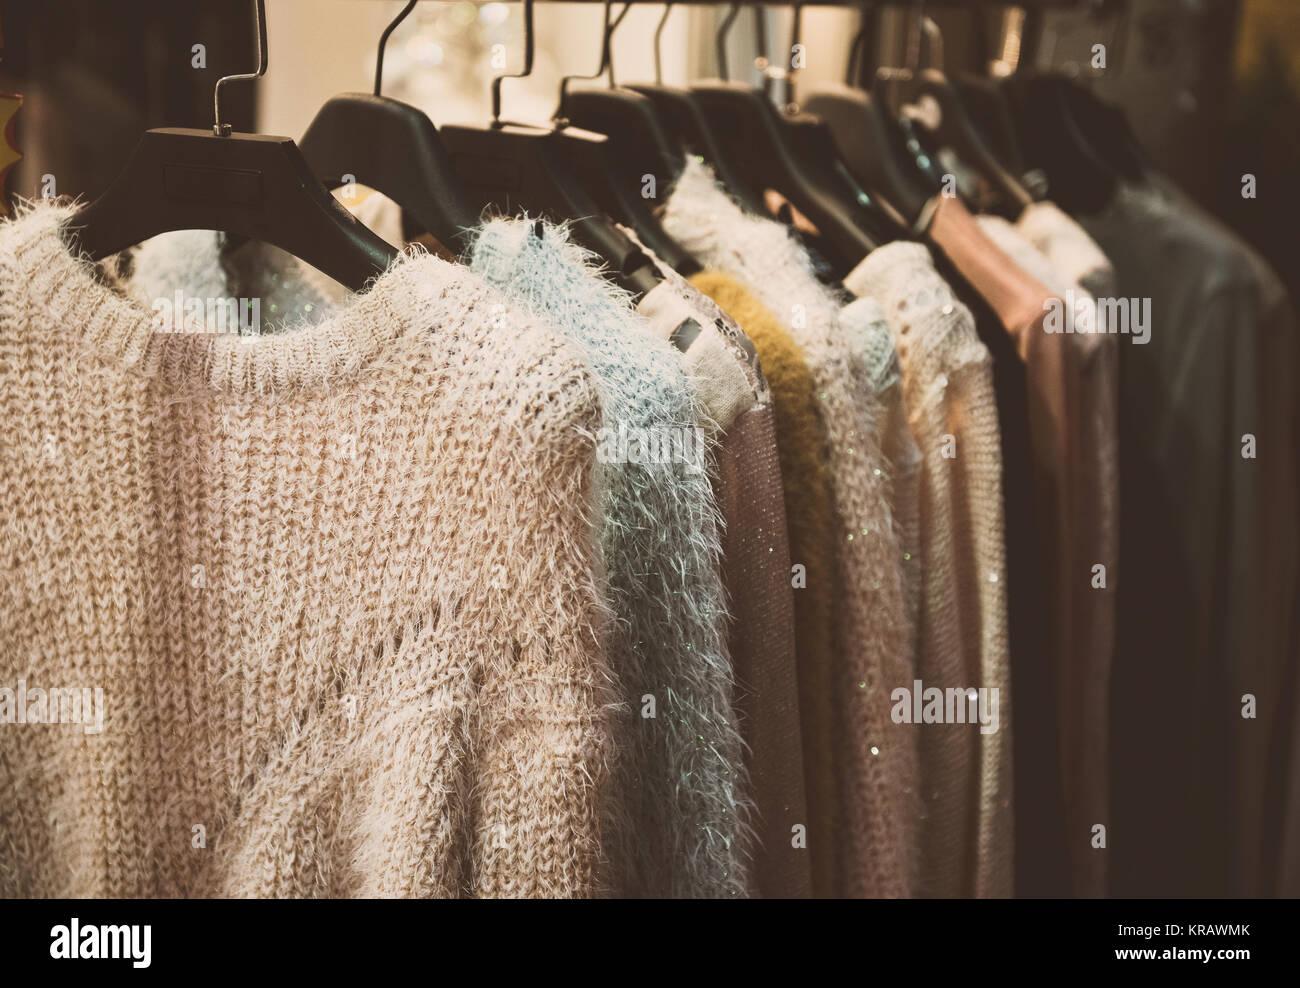 aa137aaa3ab0 Ragazza abiti su appendiabiti in un negozio di moda Foto   Immagine ...